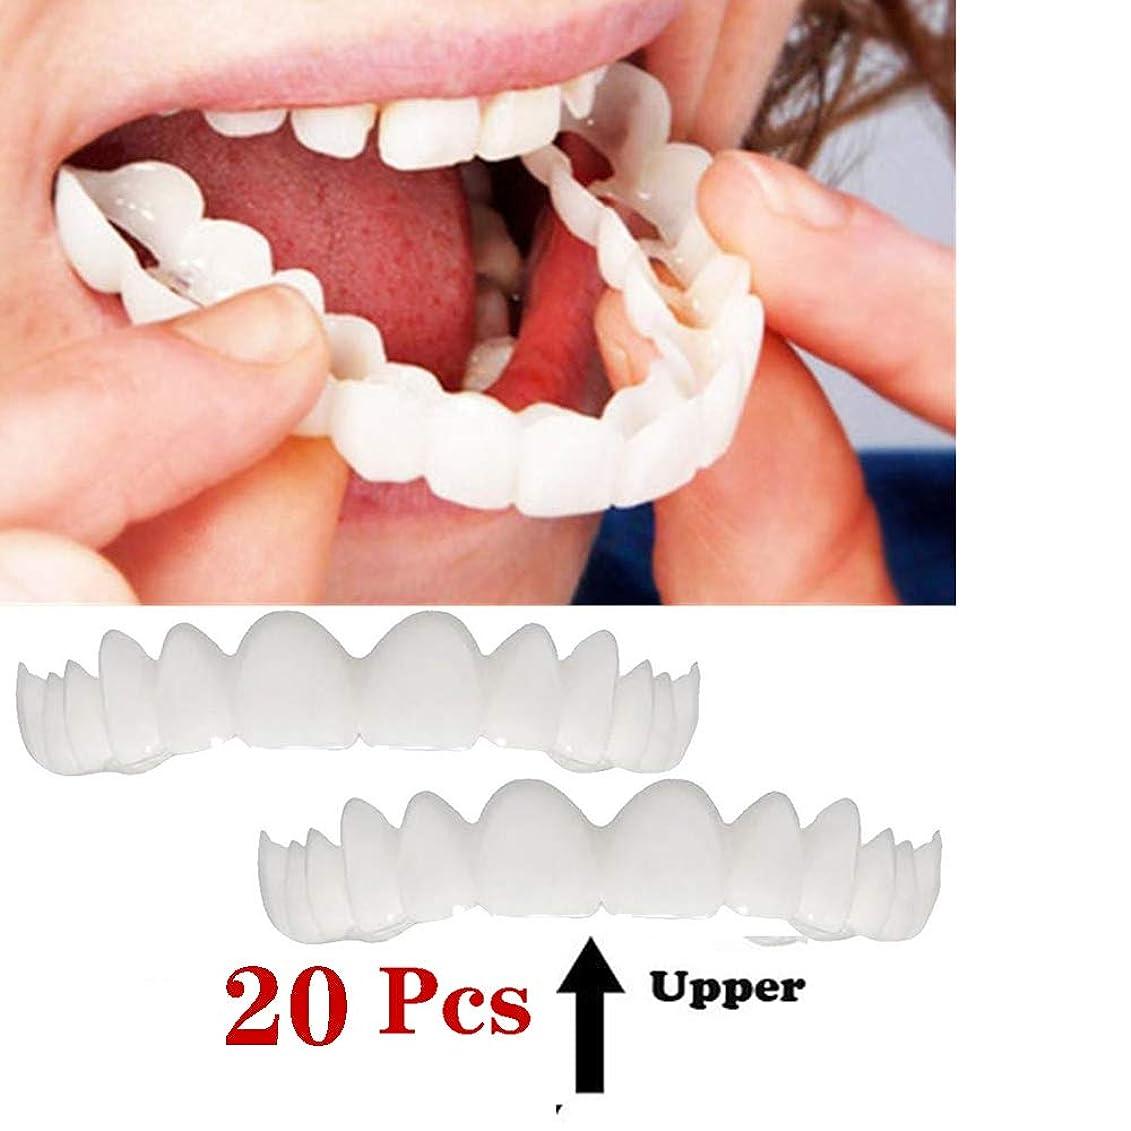 発表お世話になった誇りに思う最新のベニヤの歯、化粧品の歯20個 - 一時的な笑顔の快適さフィットフレックス化粧品の歯、ワンサイズが最もフィット、快適な上の歯のベニヤ